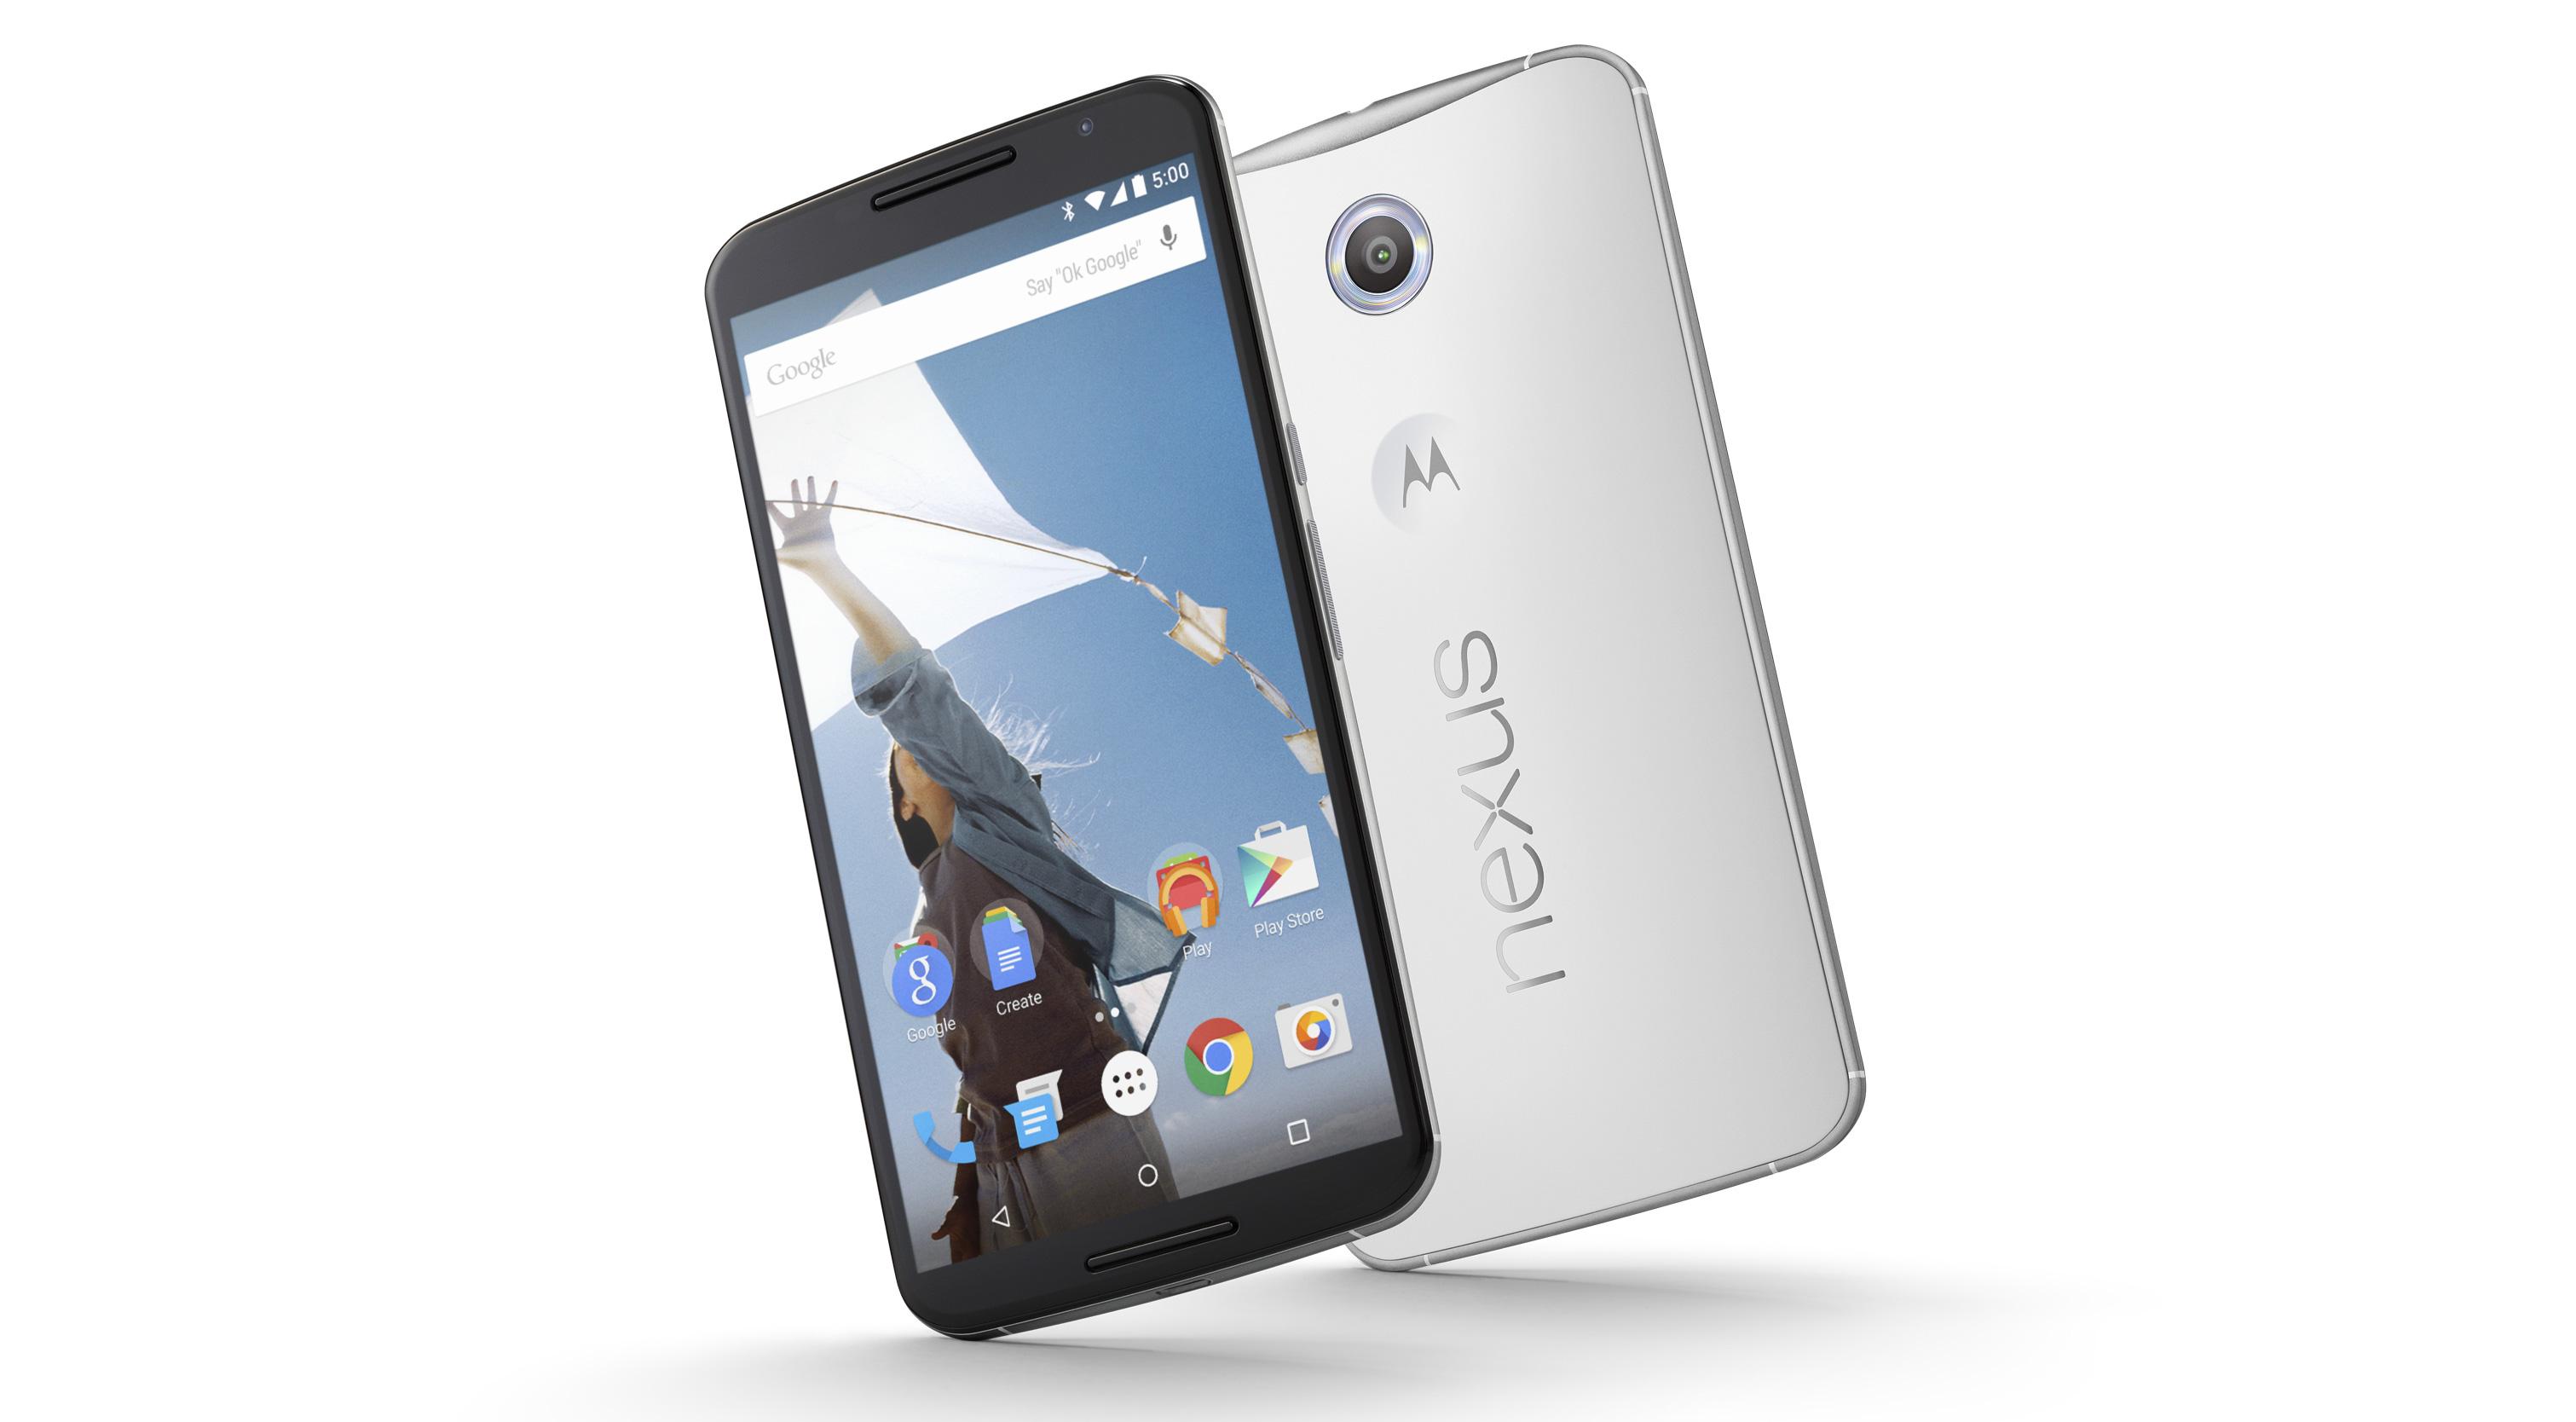 LG et Huawei pour deux smartphones Nexus de 5,2 et 5,7 pouces ?